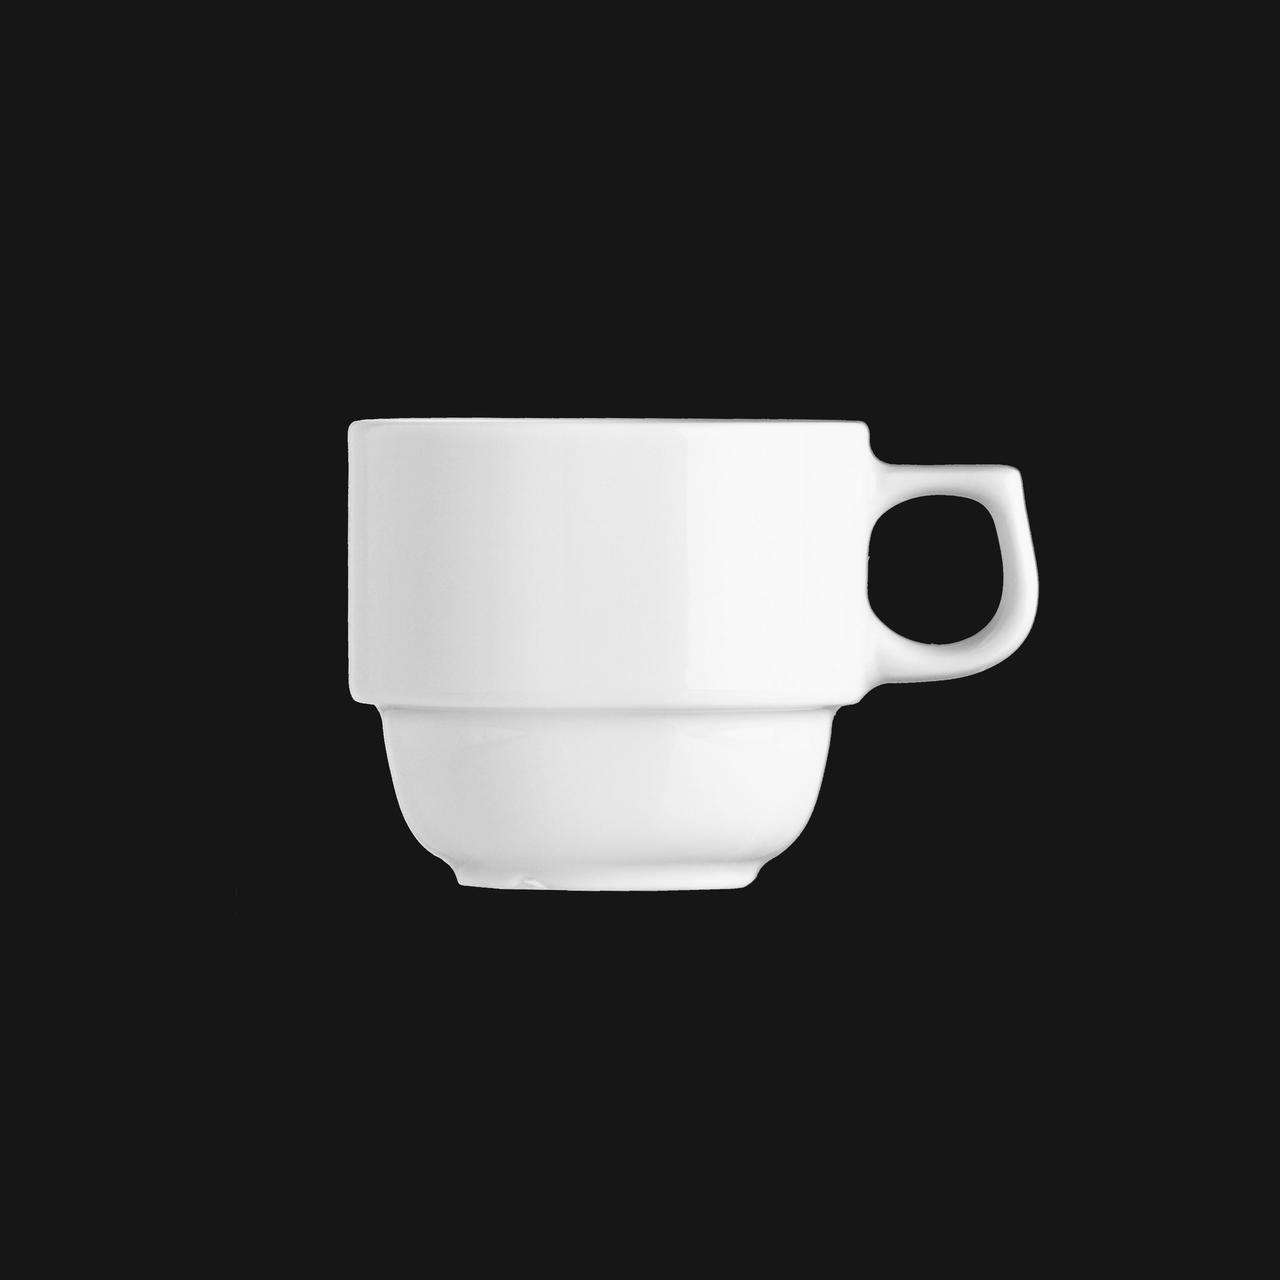 Чашка 110 мл. фарфоровая, белая Praha, G.Benedikt